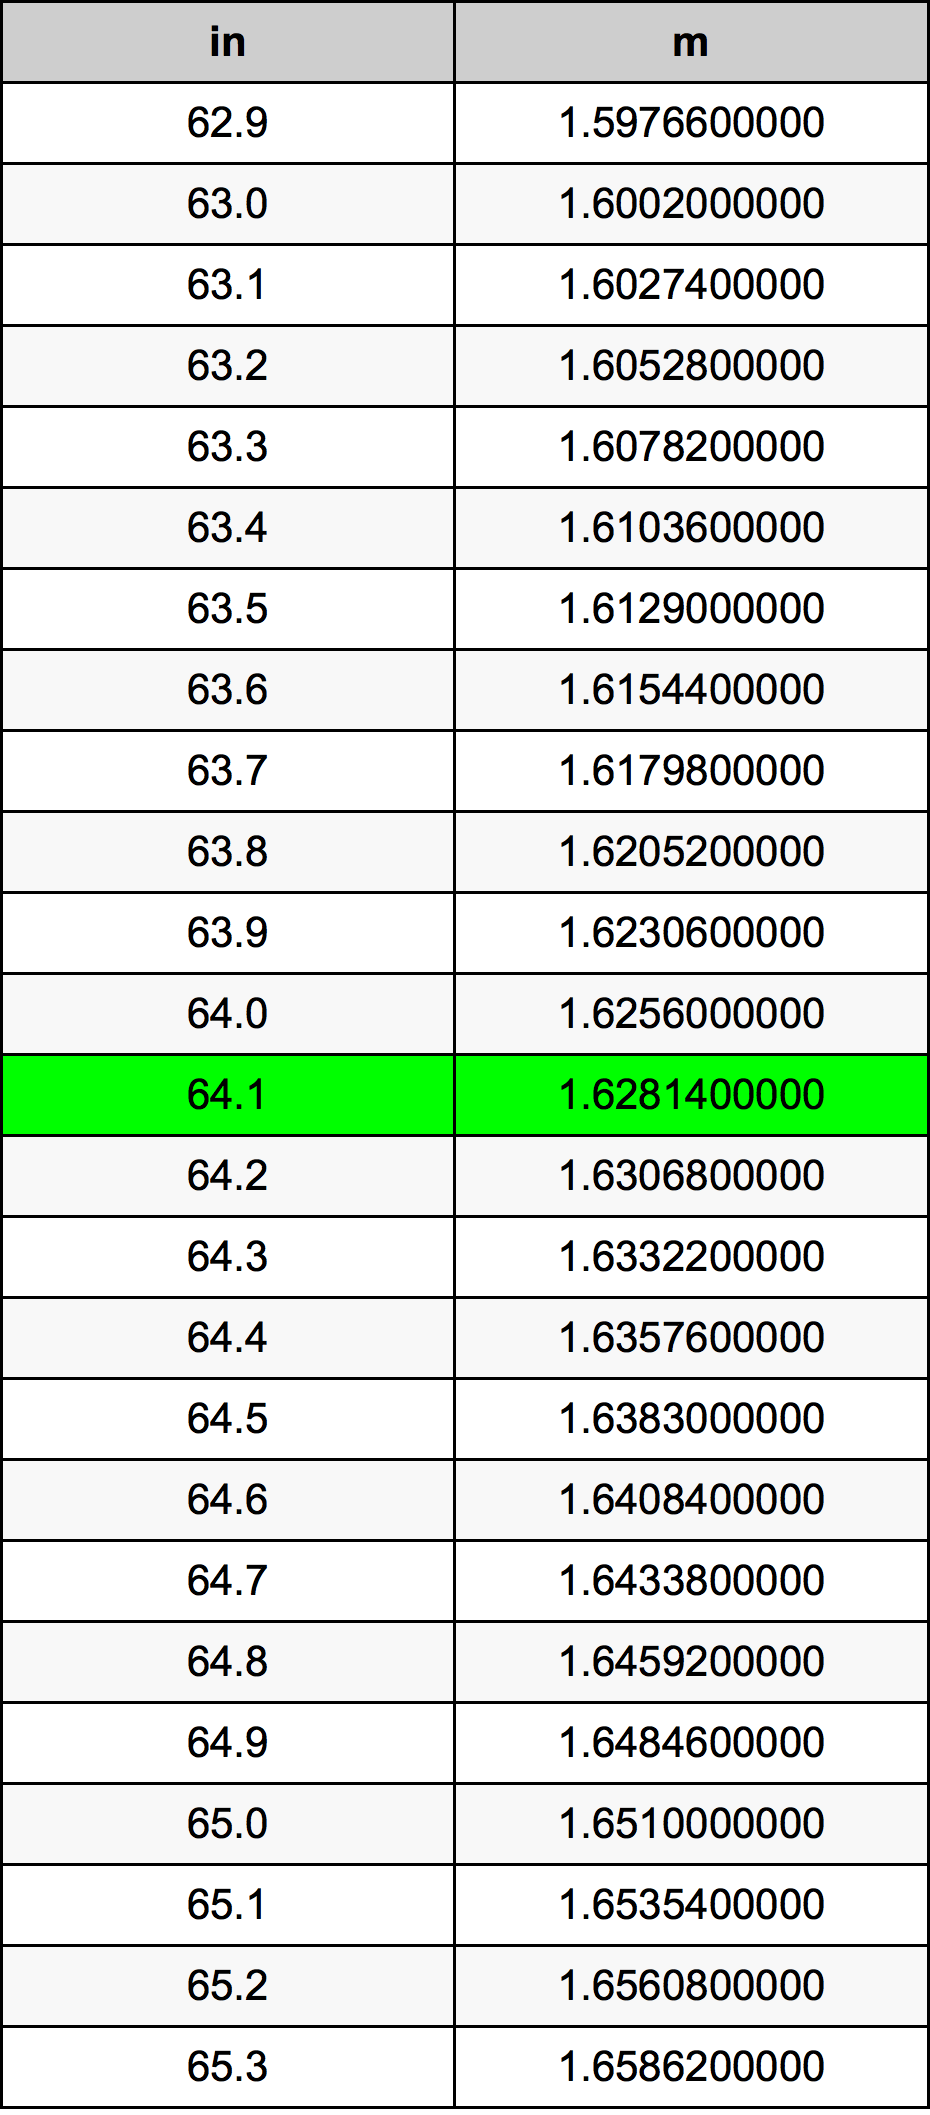 64.1 英寸换算表